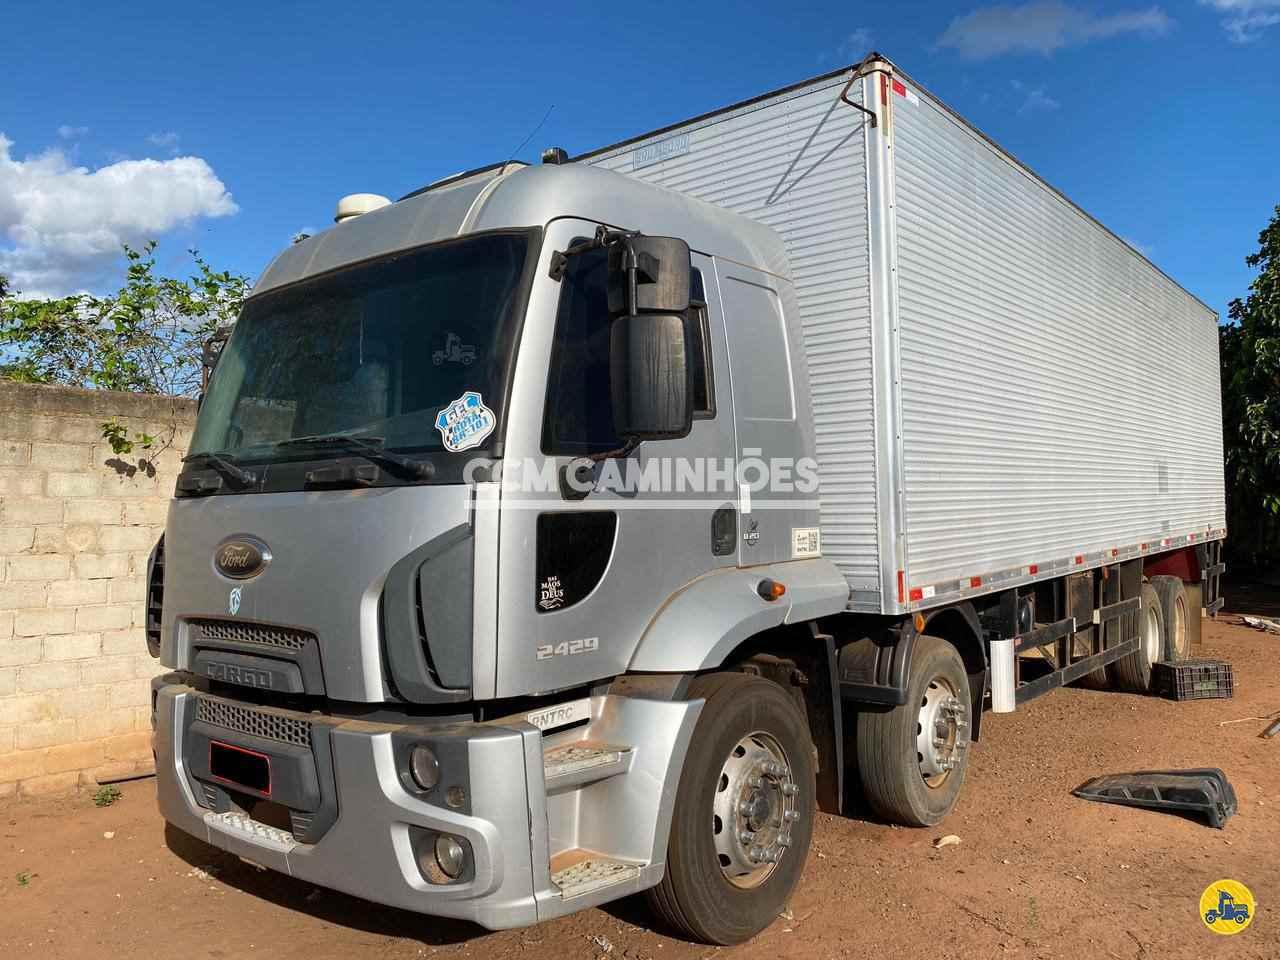 CAMINHAO FORD CARGO 2429 Baú Furgão BiTruck 8x2 CCM Caminhões GOIANIA GOIAS GO